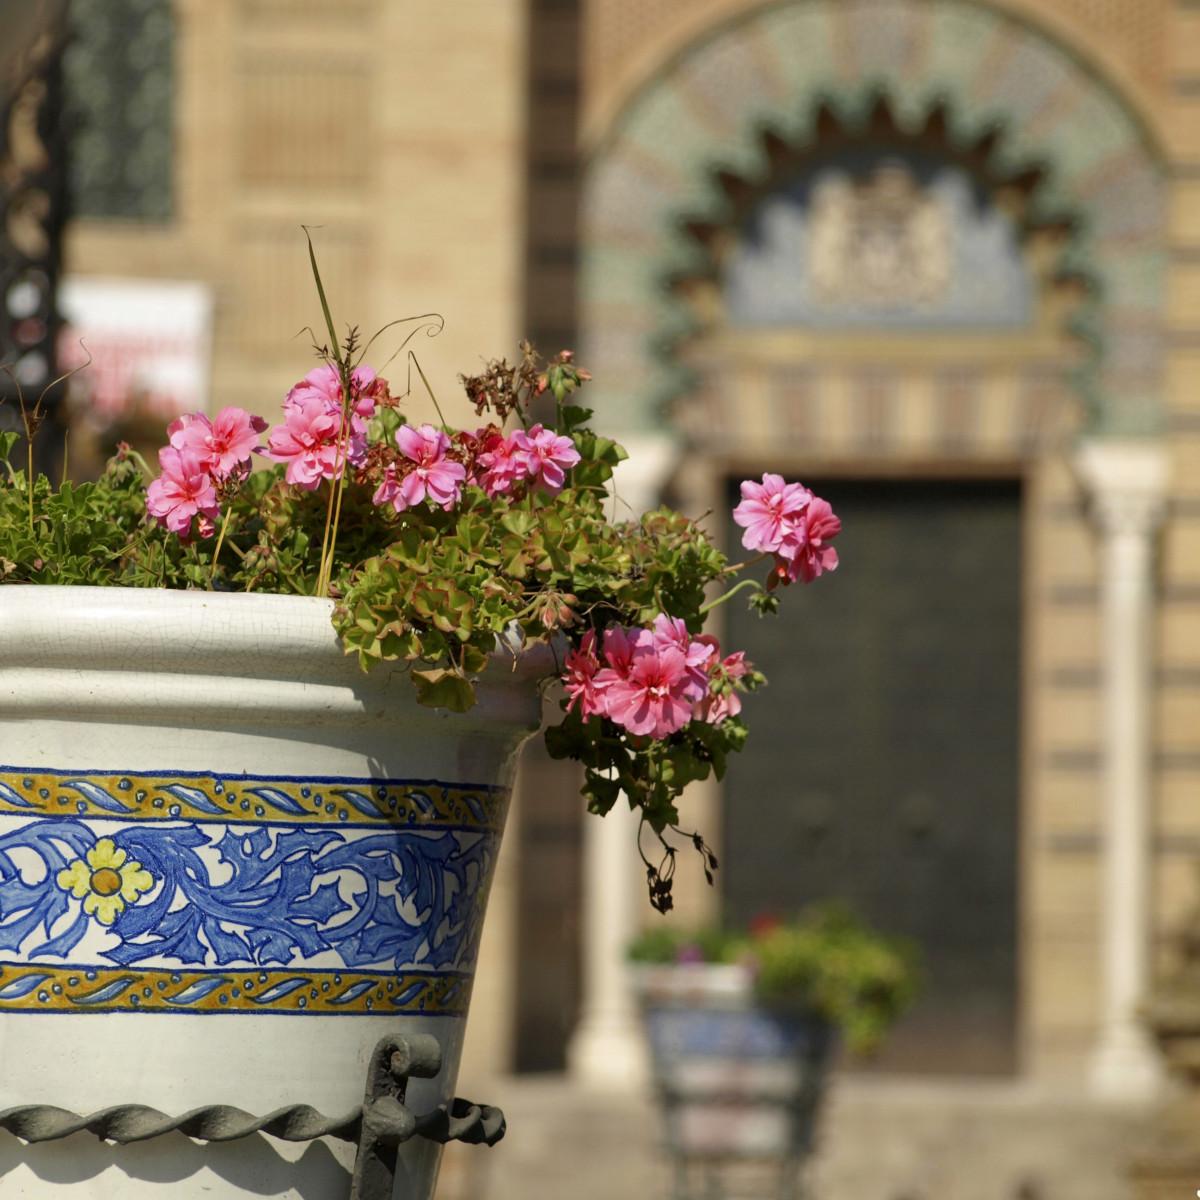 Immagini belle pianta fiore primavera autunno flora for Finestra balcone